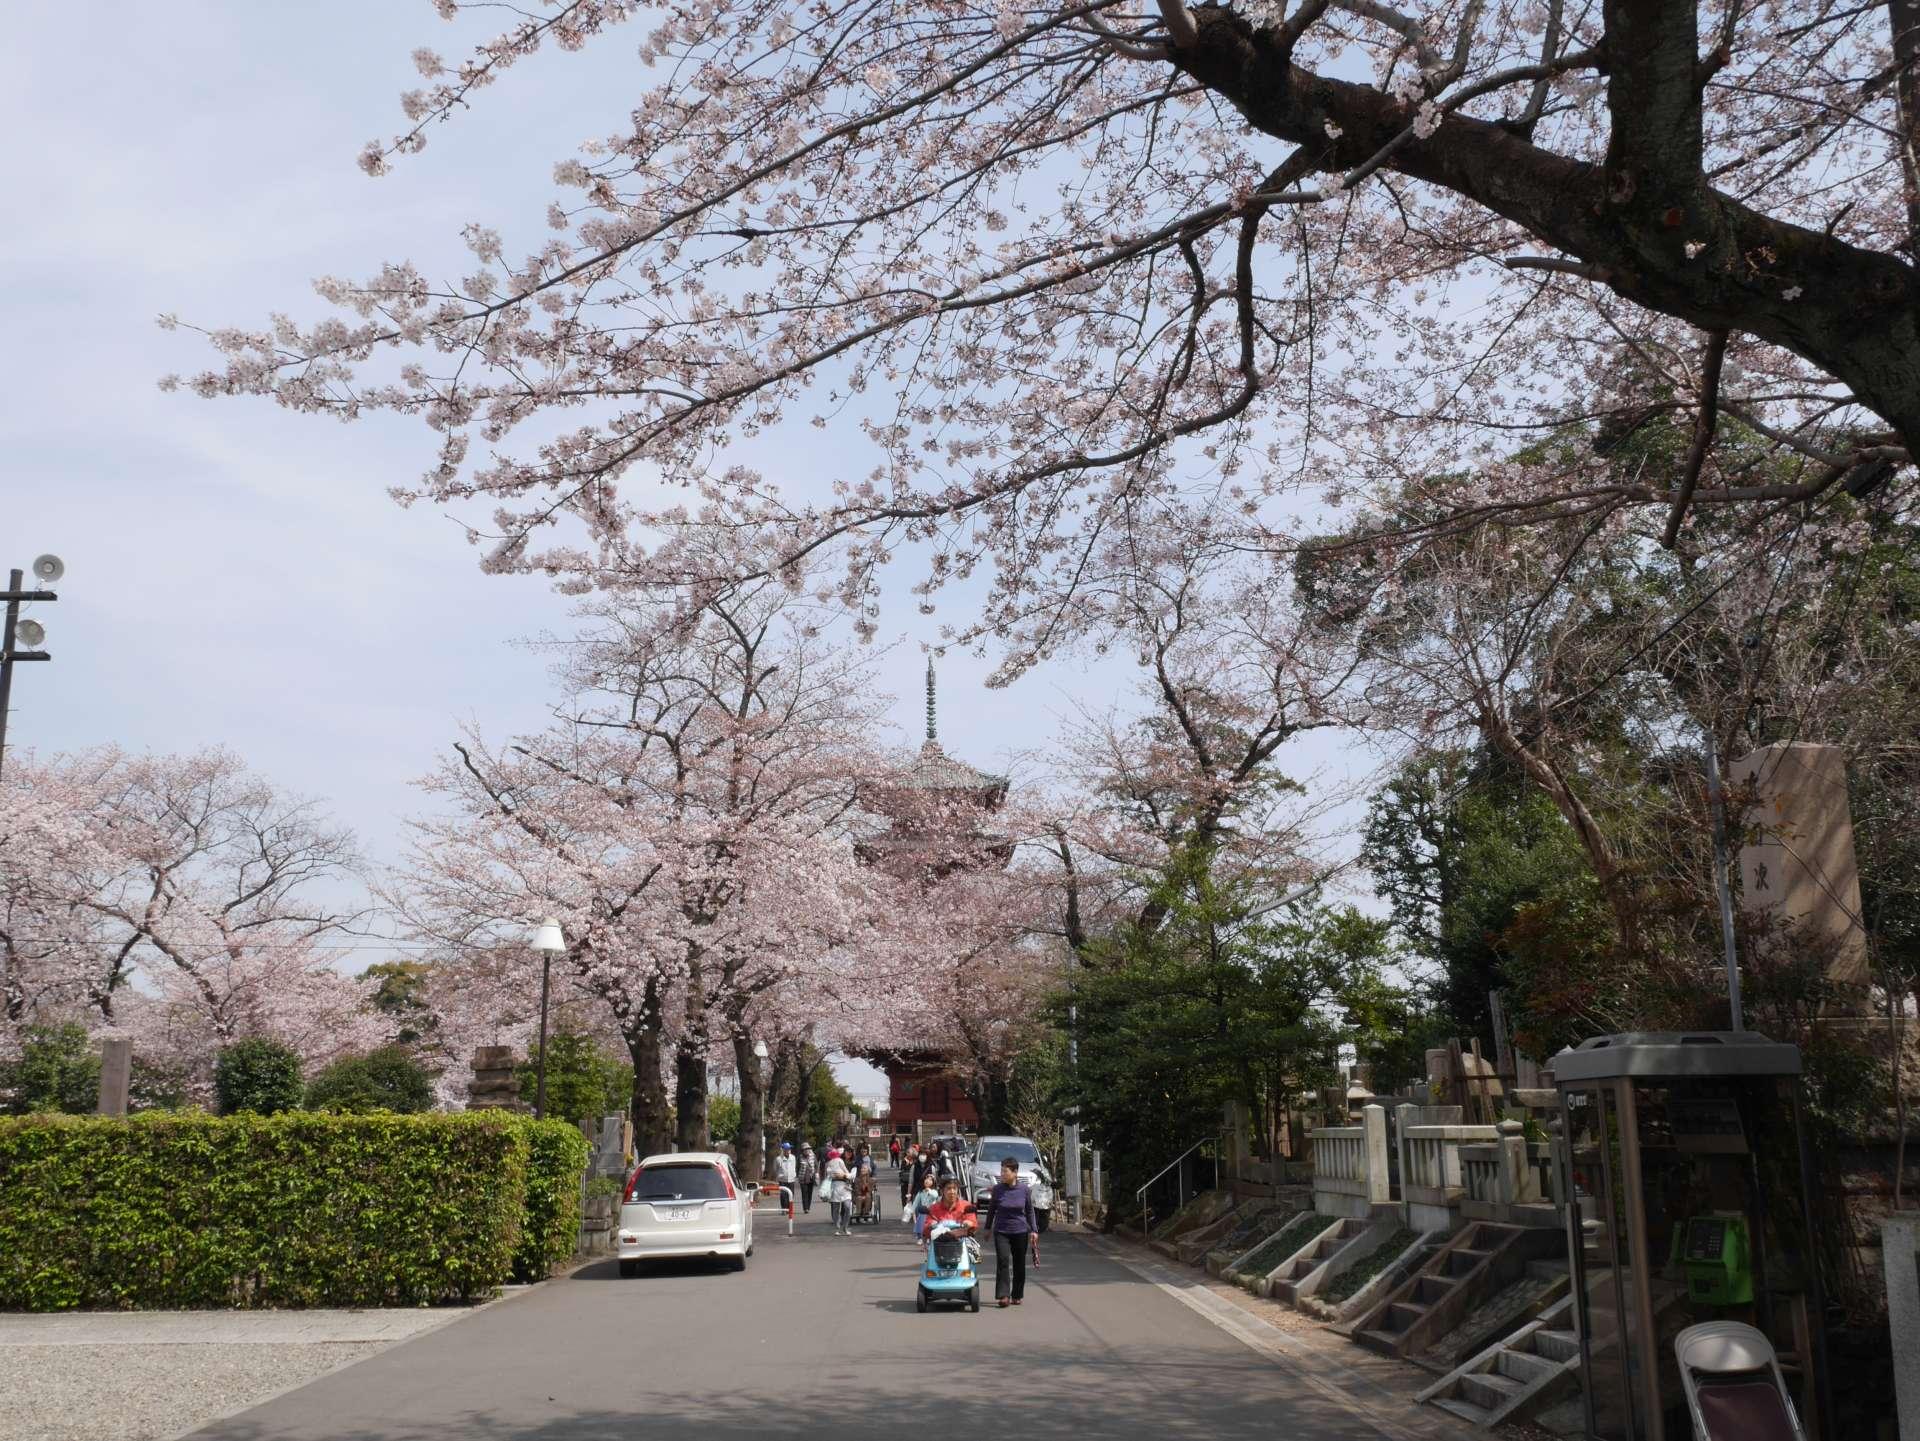 仁王门至五重塔的樱花步道